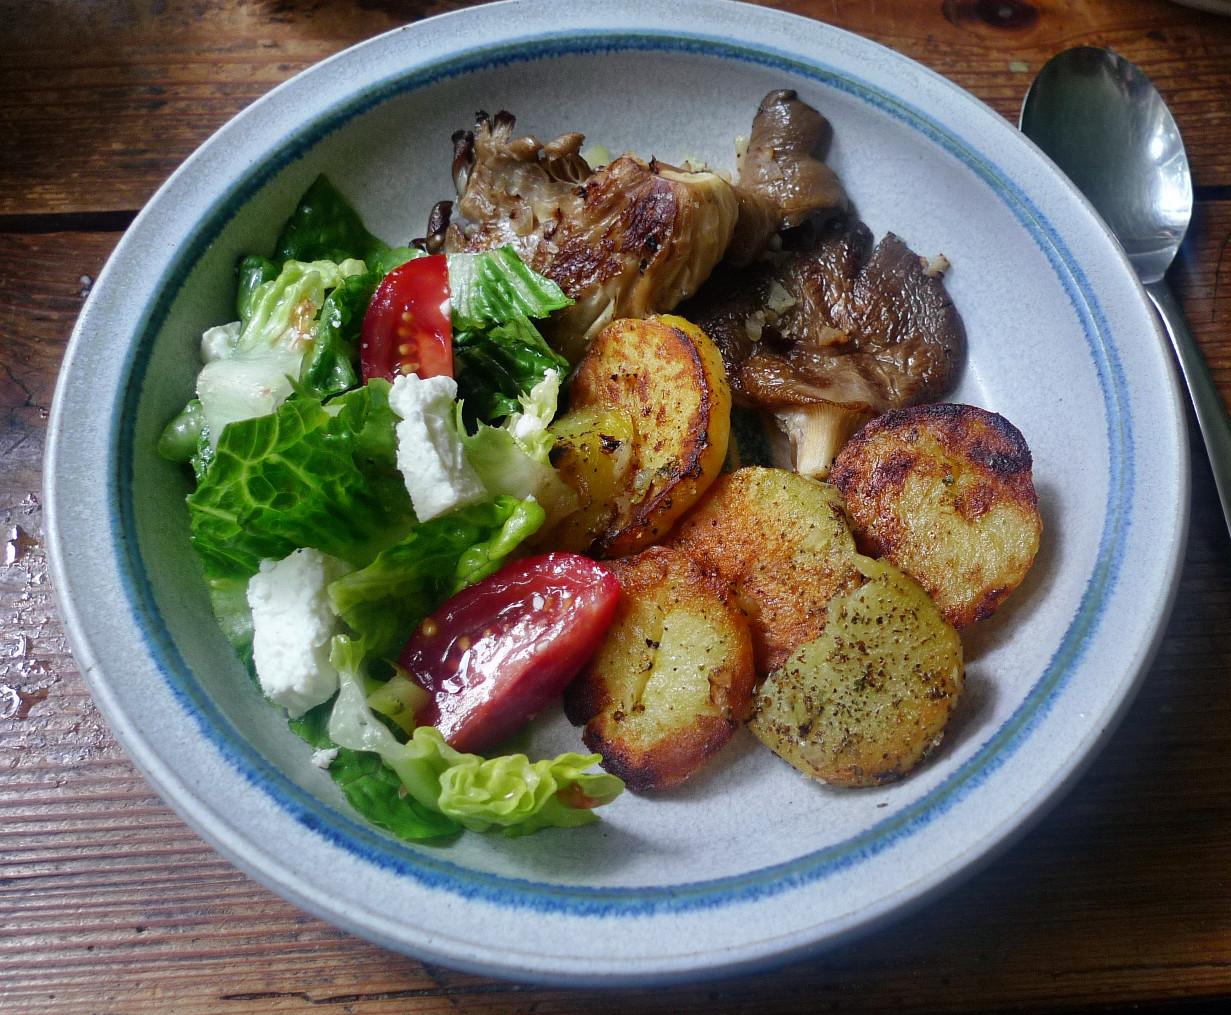 Shitakepilze, Bratkartoffel,Salat -28.4 (8)